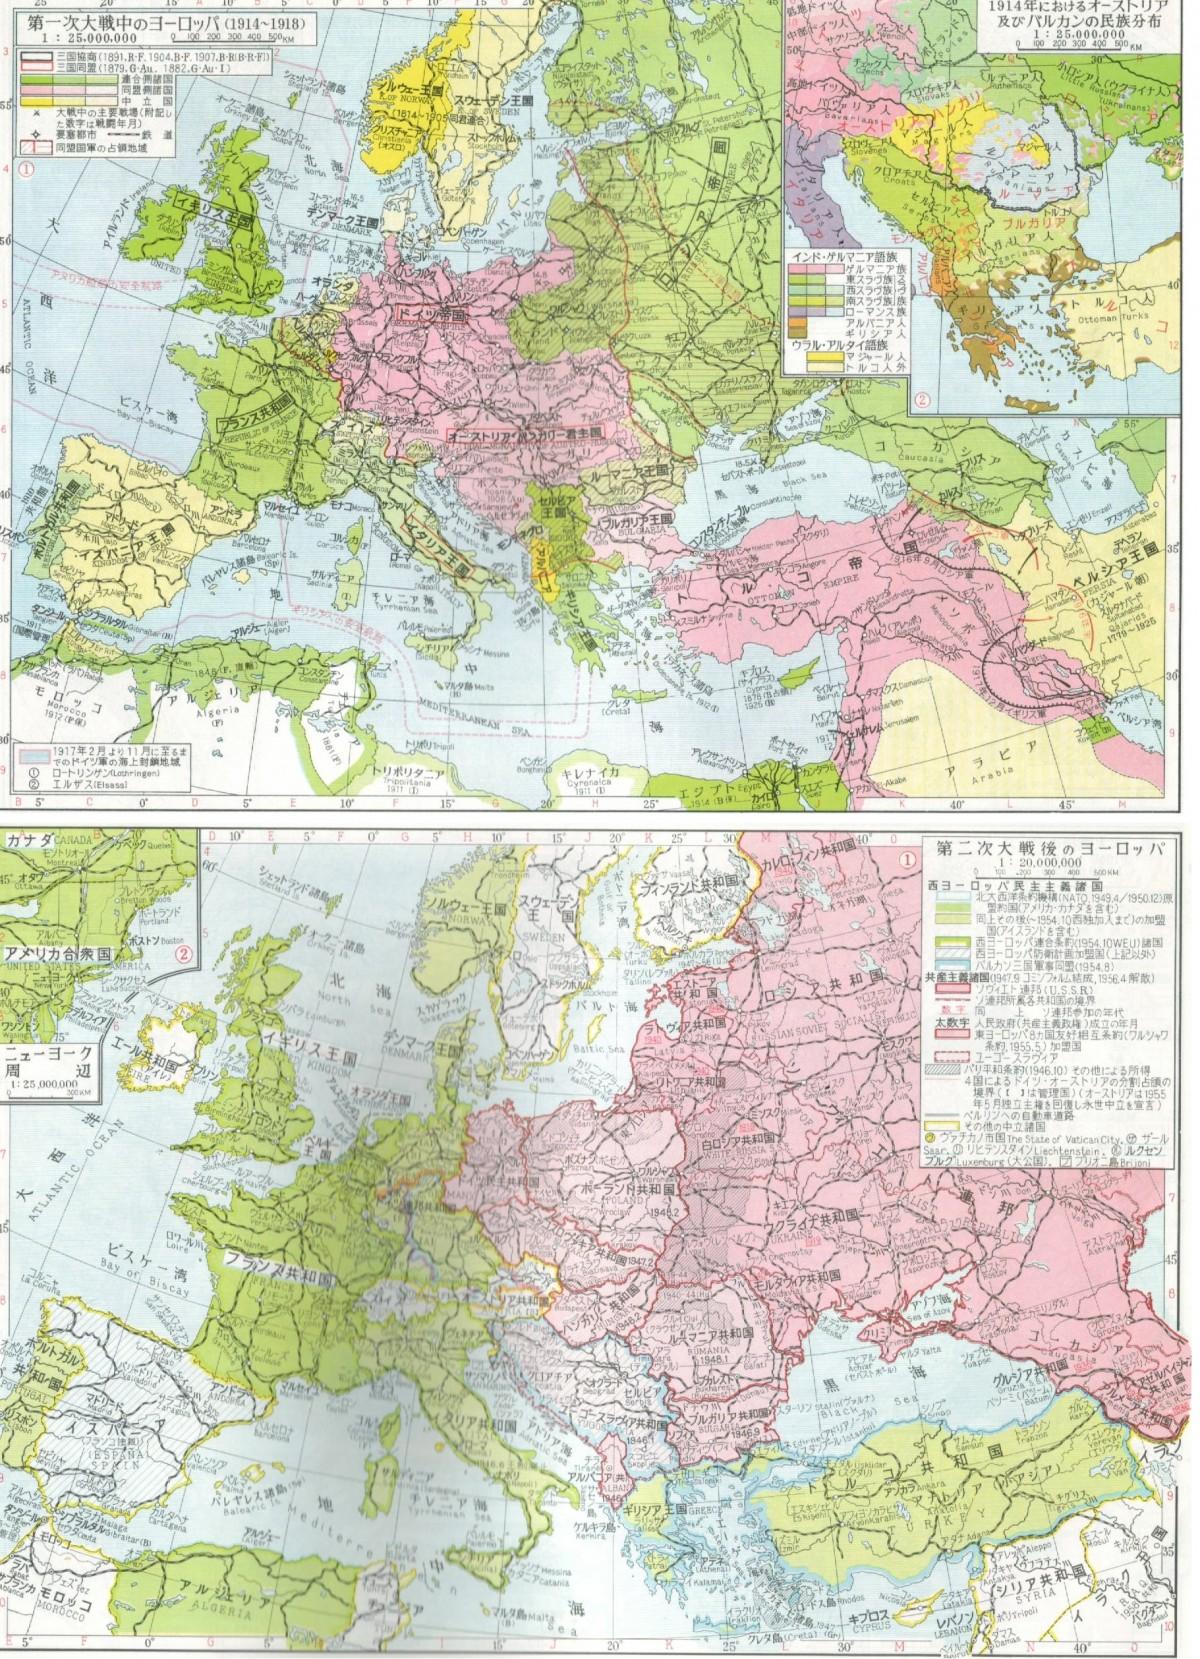 第一次大戦、第二次大戦時のヨーロッパ